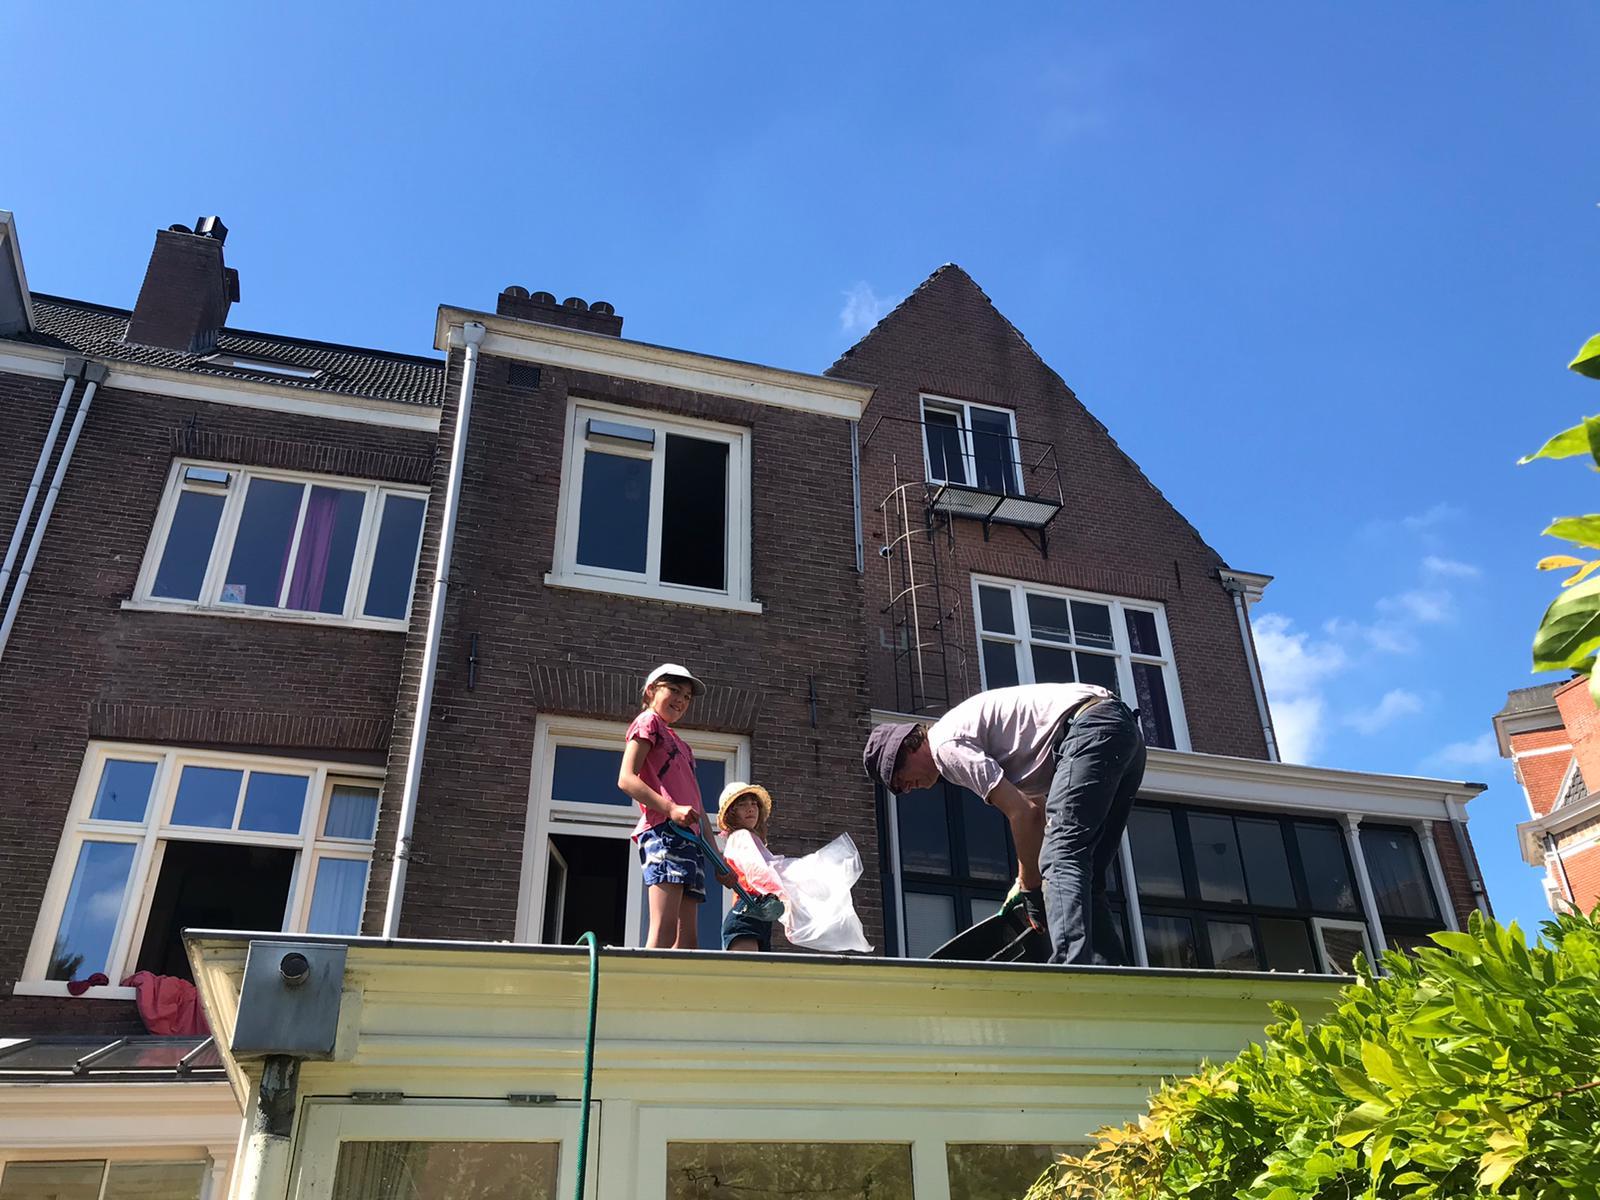 grind wassen als voorbereiding groen sedum dak met de kinderen